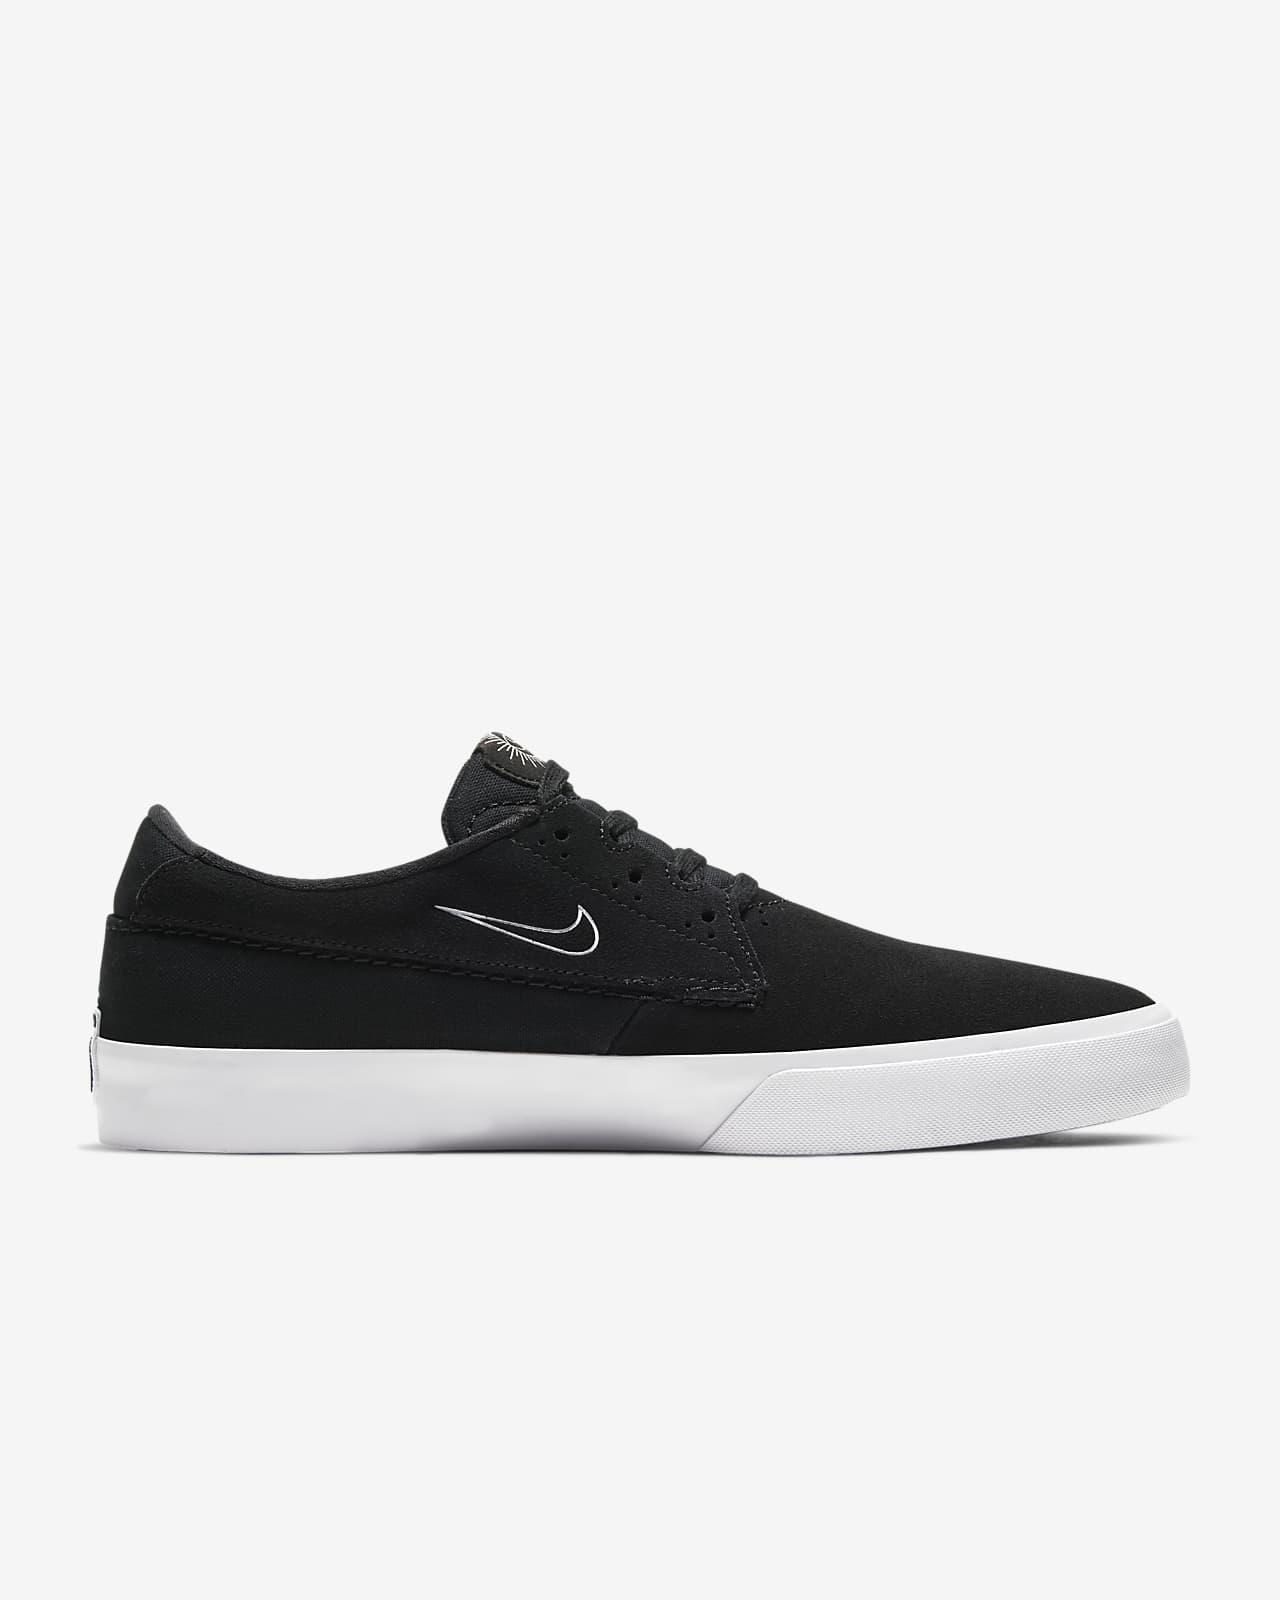 Nike SB Shane Skate Shoes